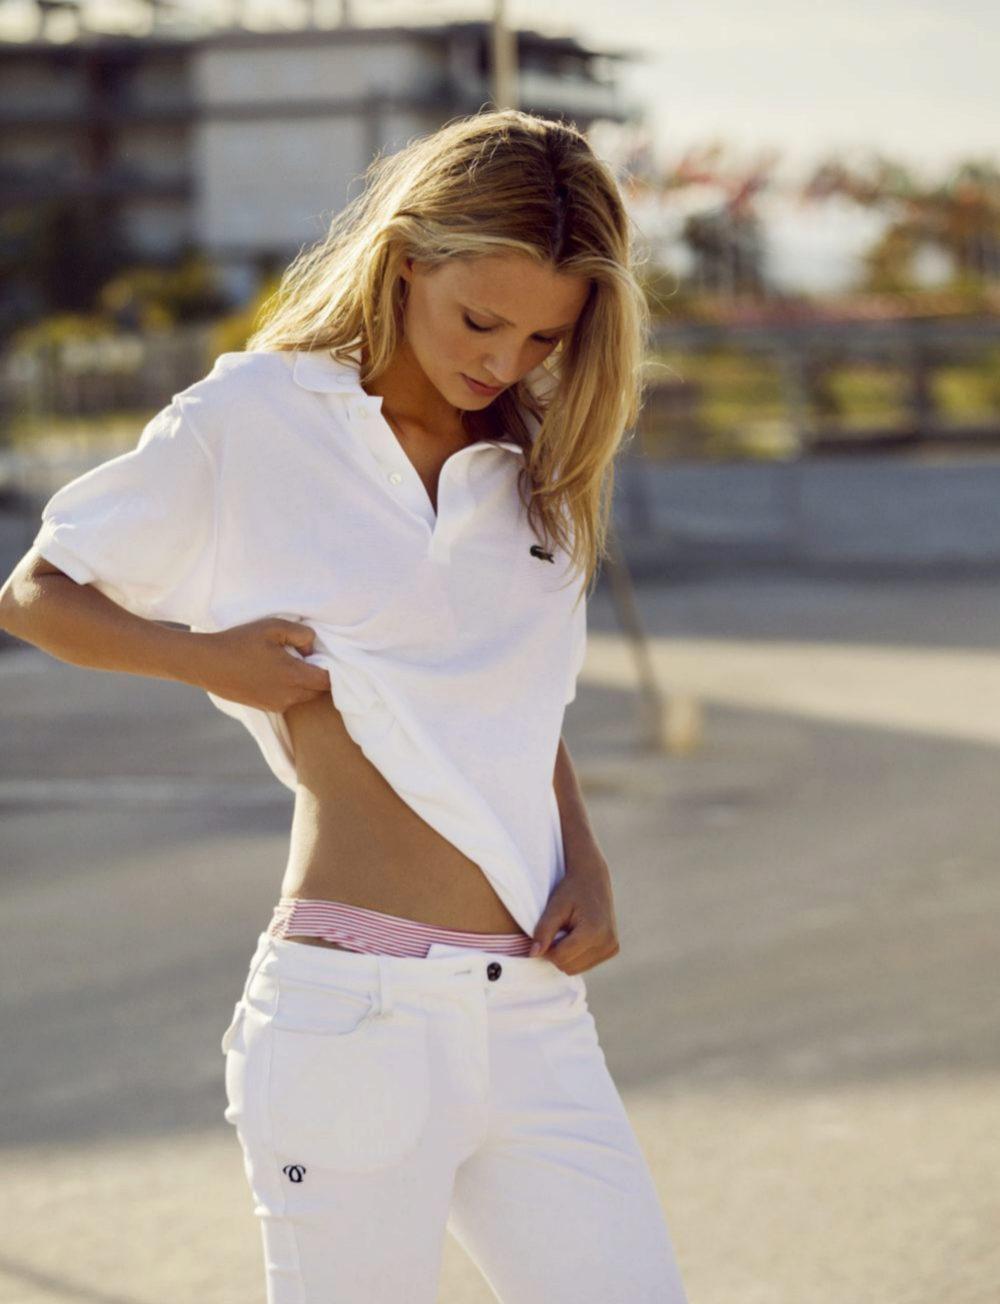 La revisión ginecológica anual es una cita obligada para todas las mujeres.